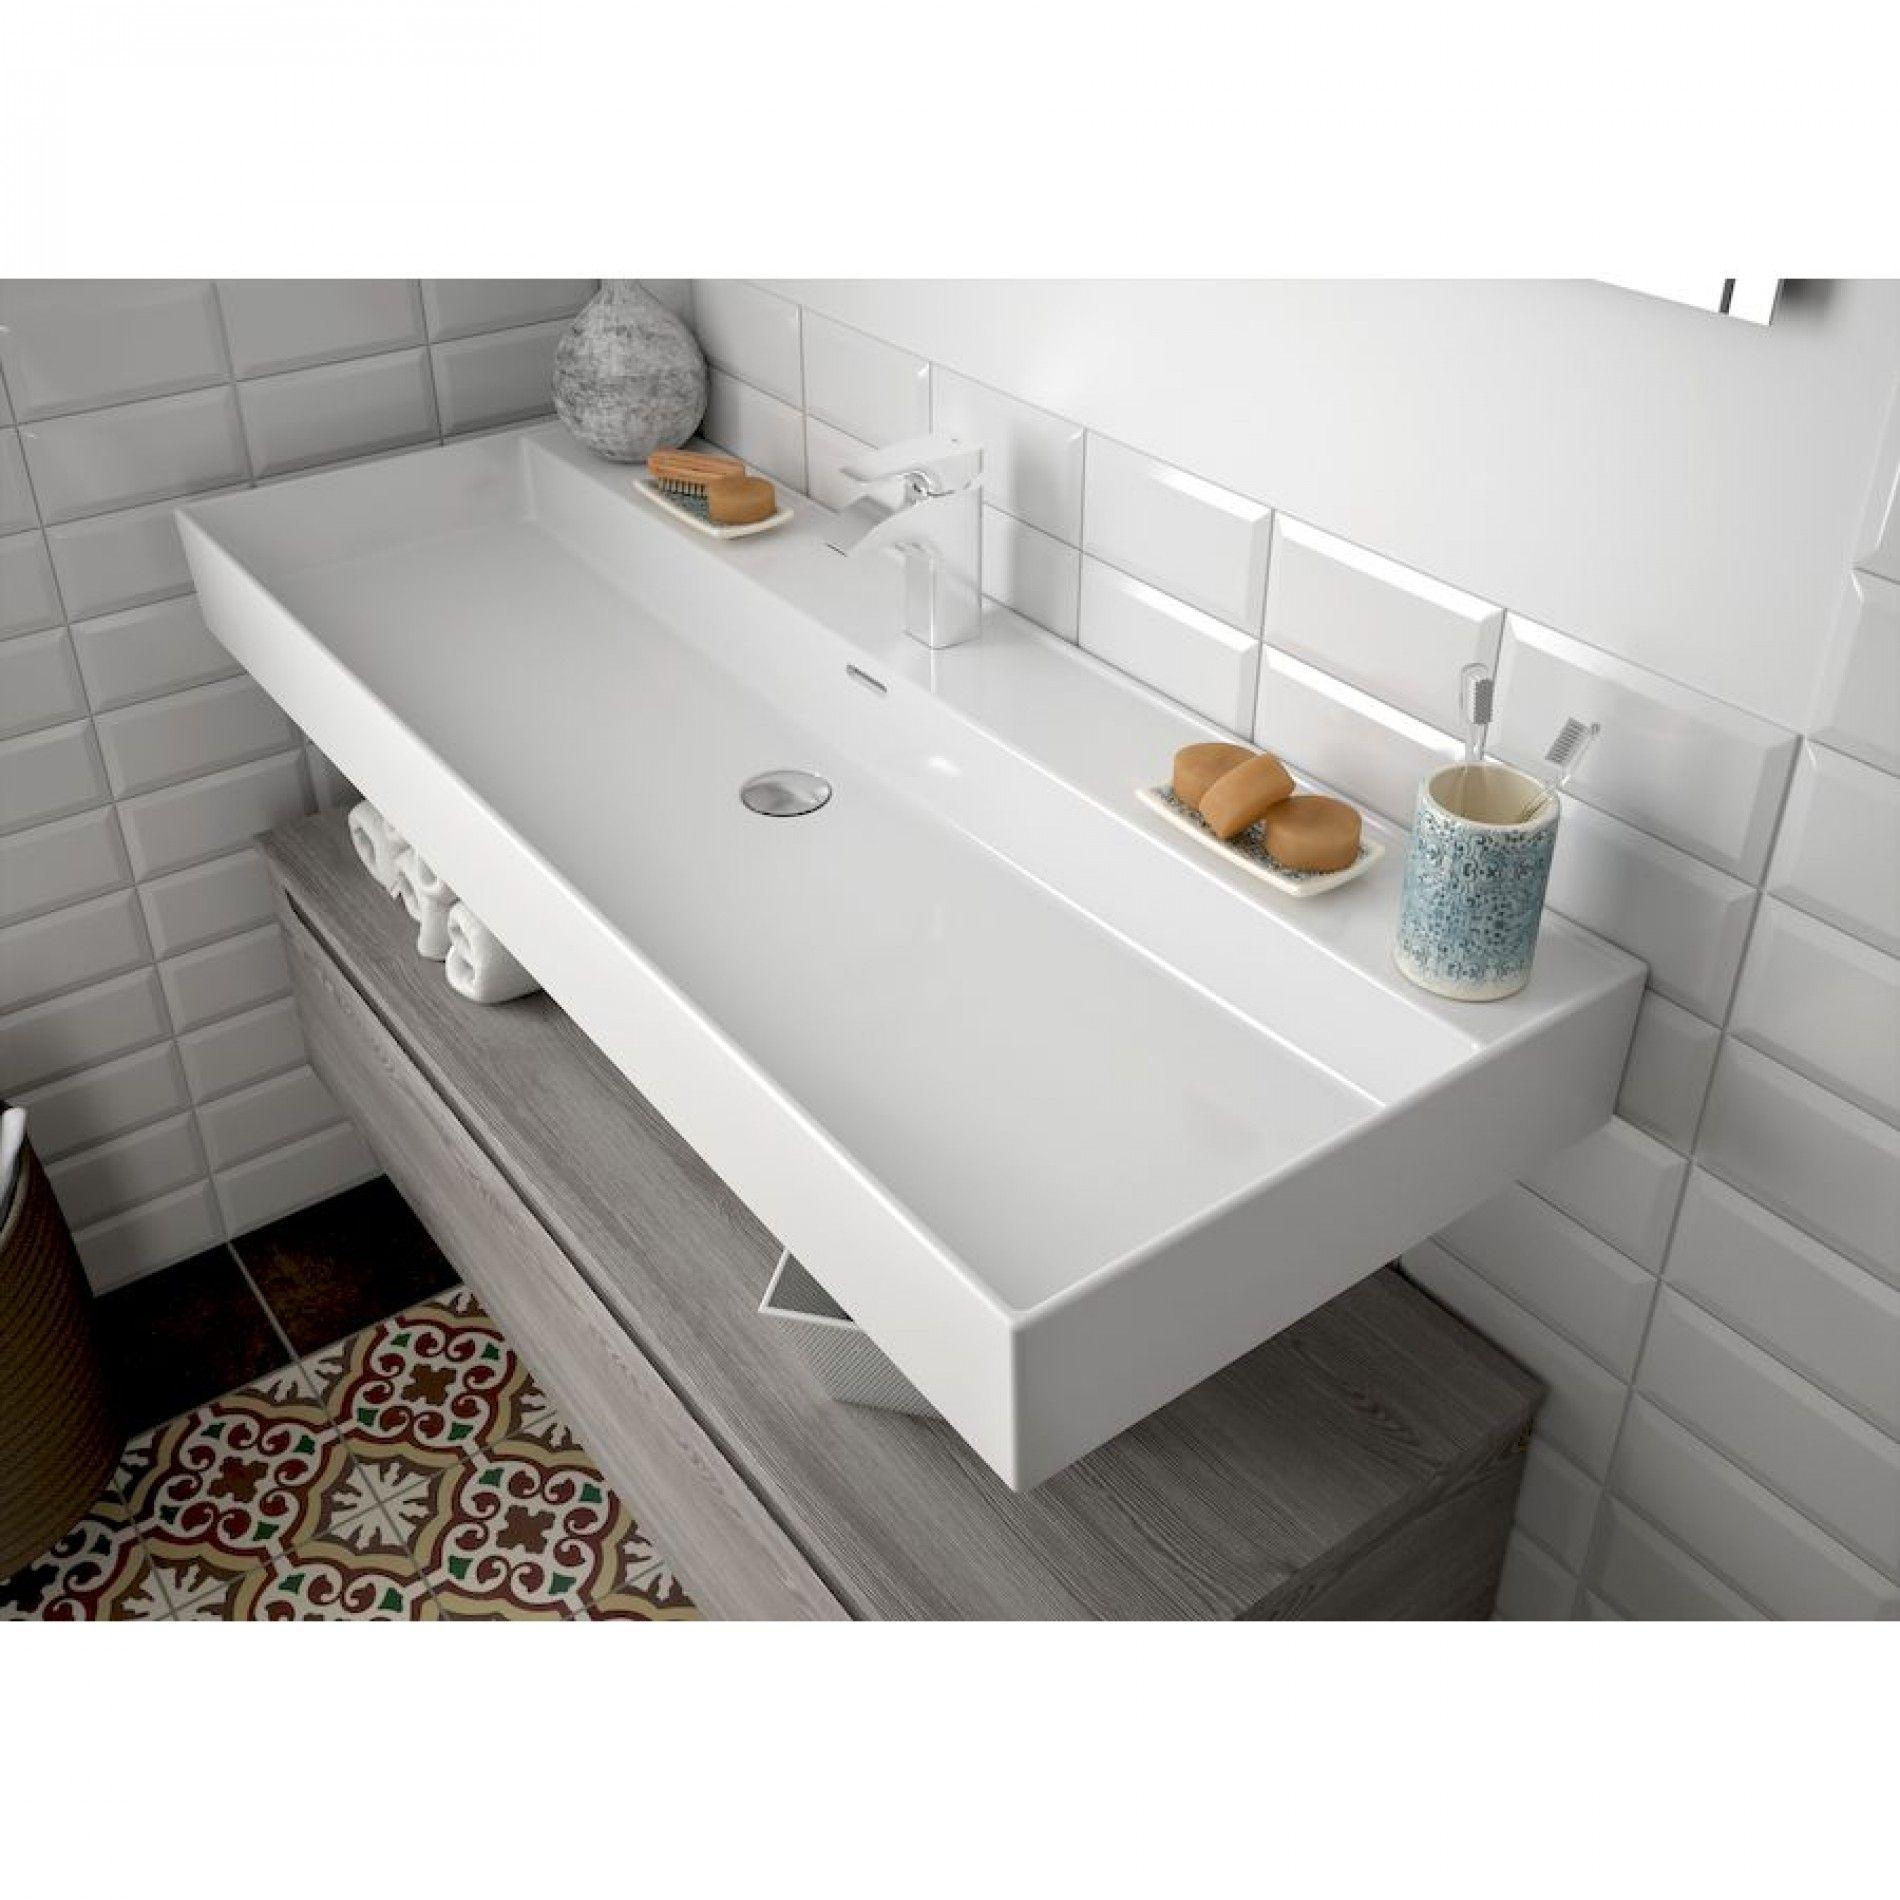 Muebles Veneto keramische wastafel 60x46cm met 1 kraangat wit